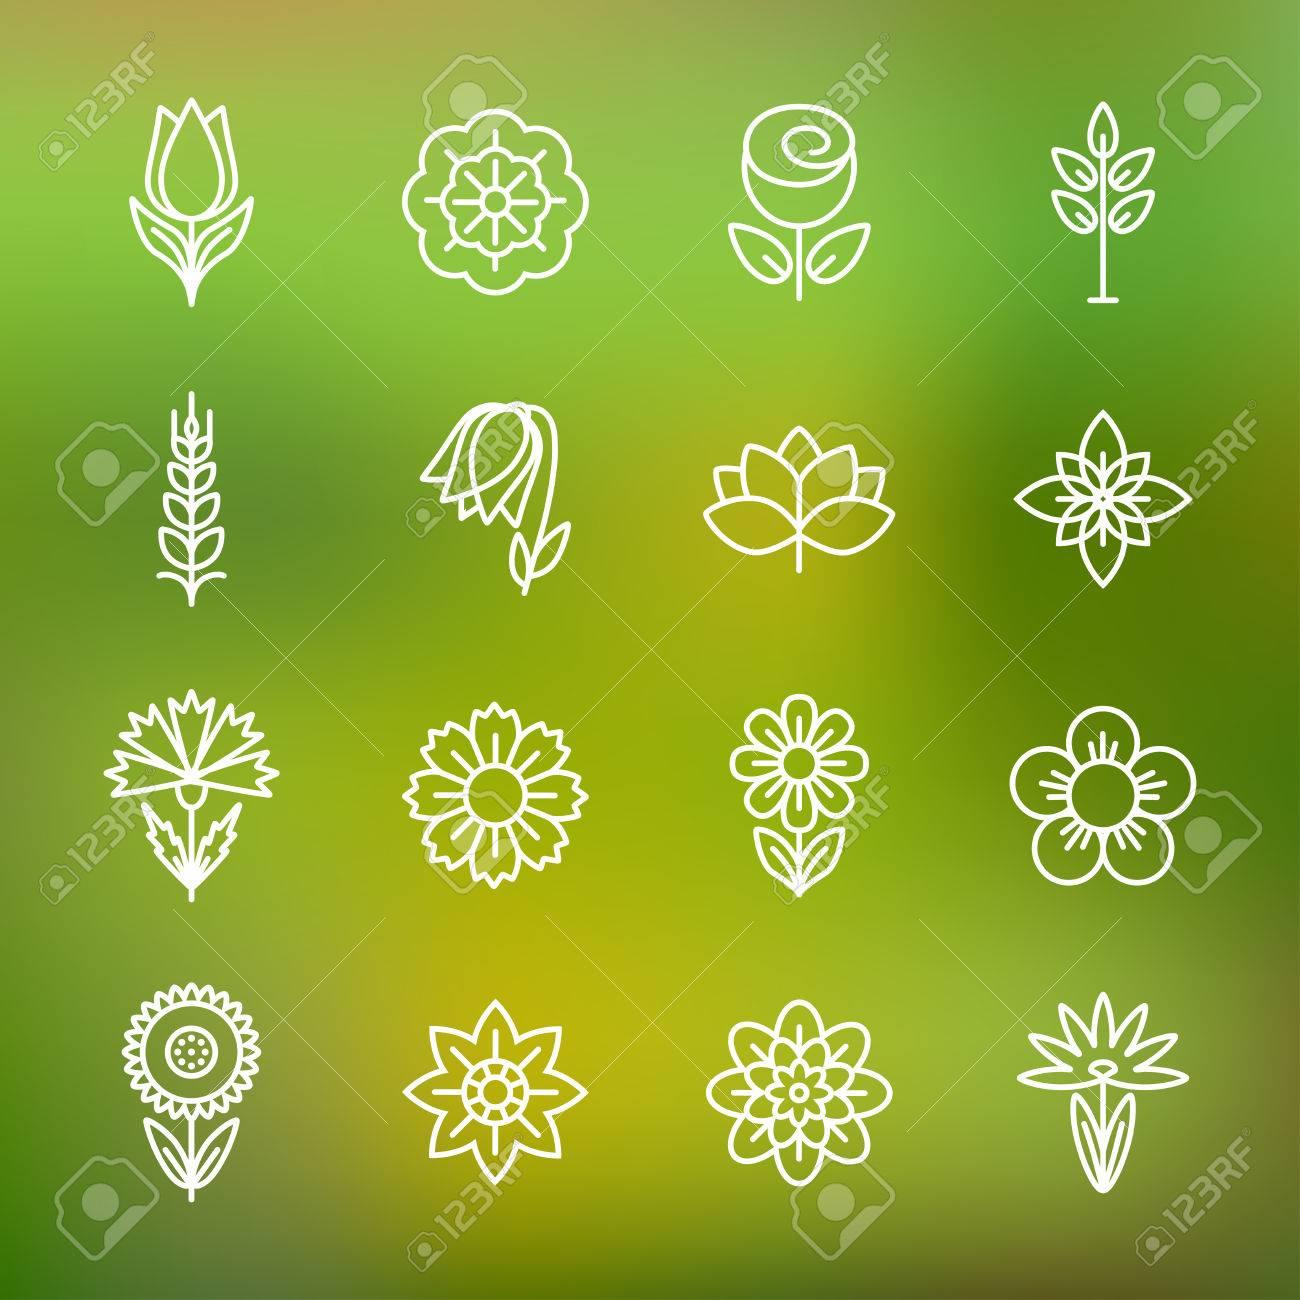 Iconos De Flores. Moderna Línea De Contorno Fino. Plantilla Para La ...